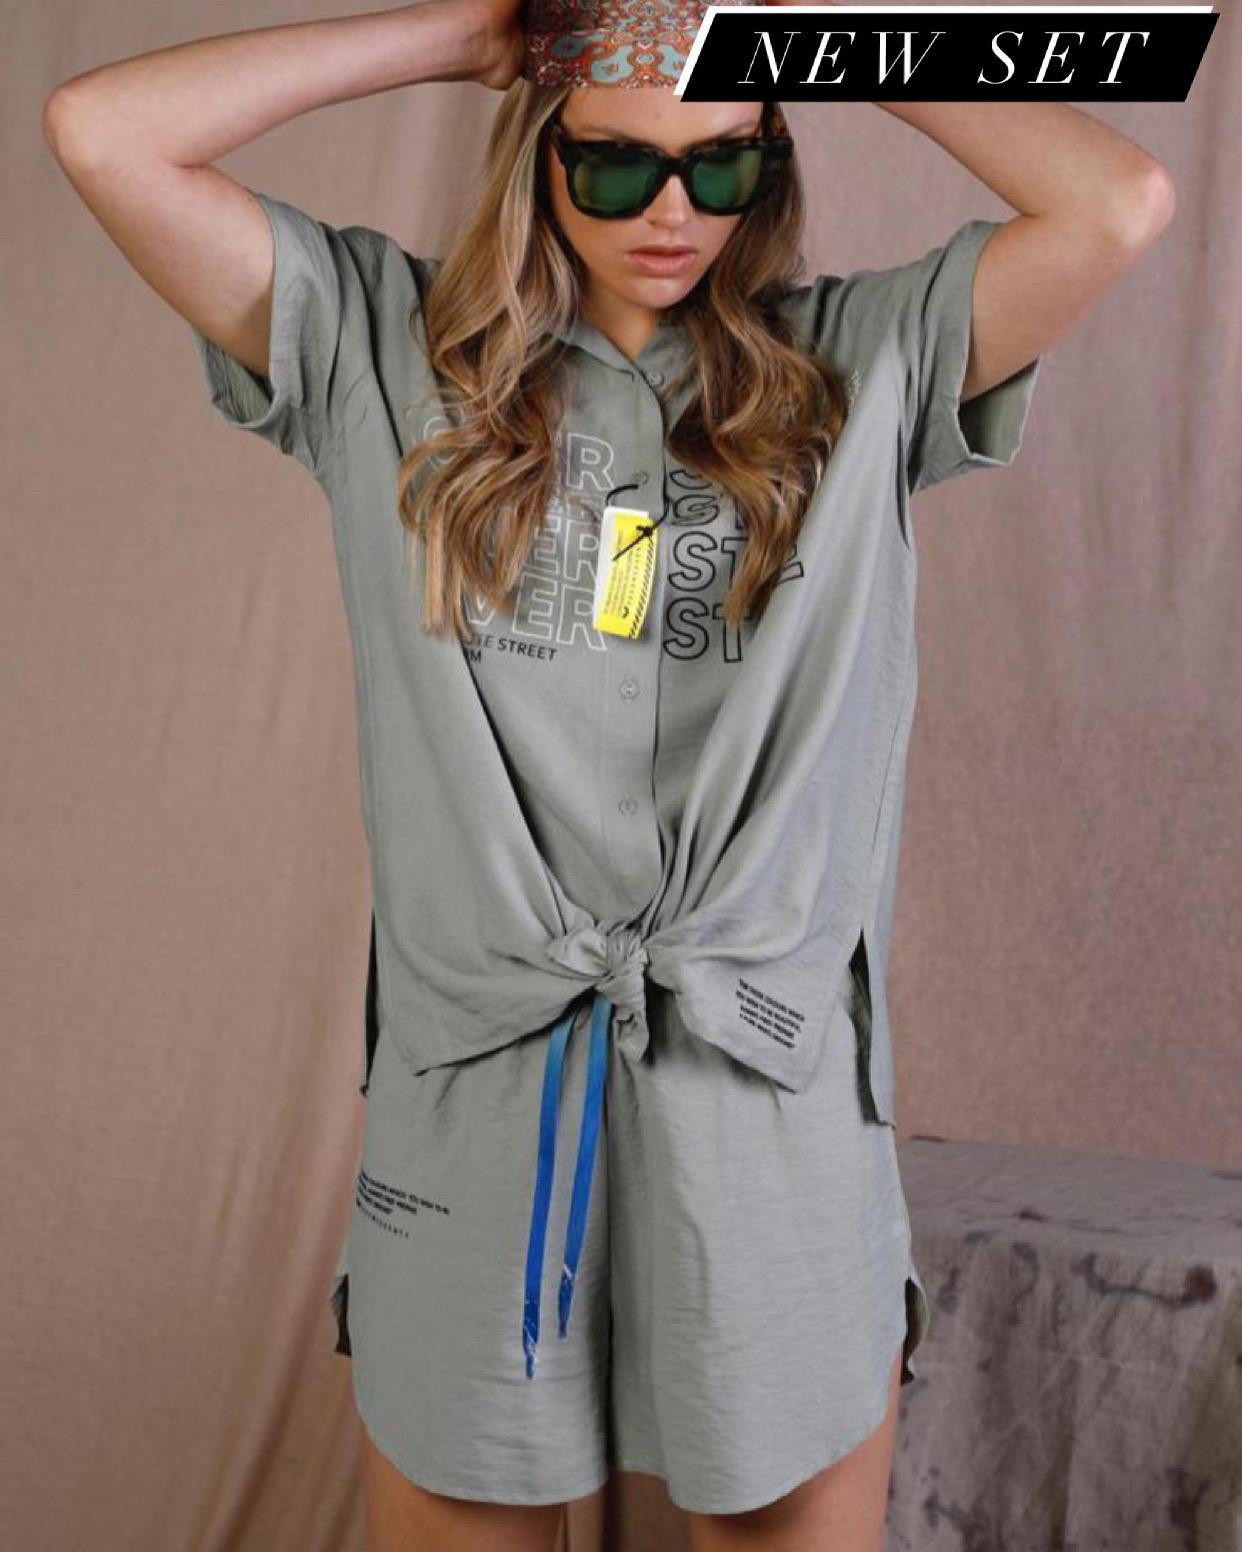 חליפת שורט over style ירוק